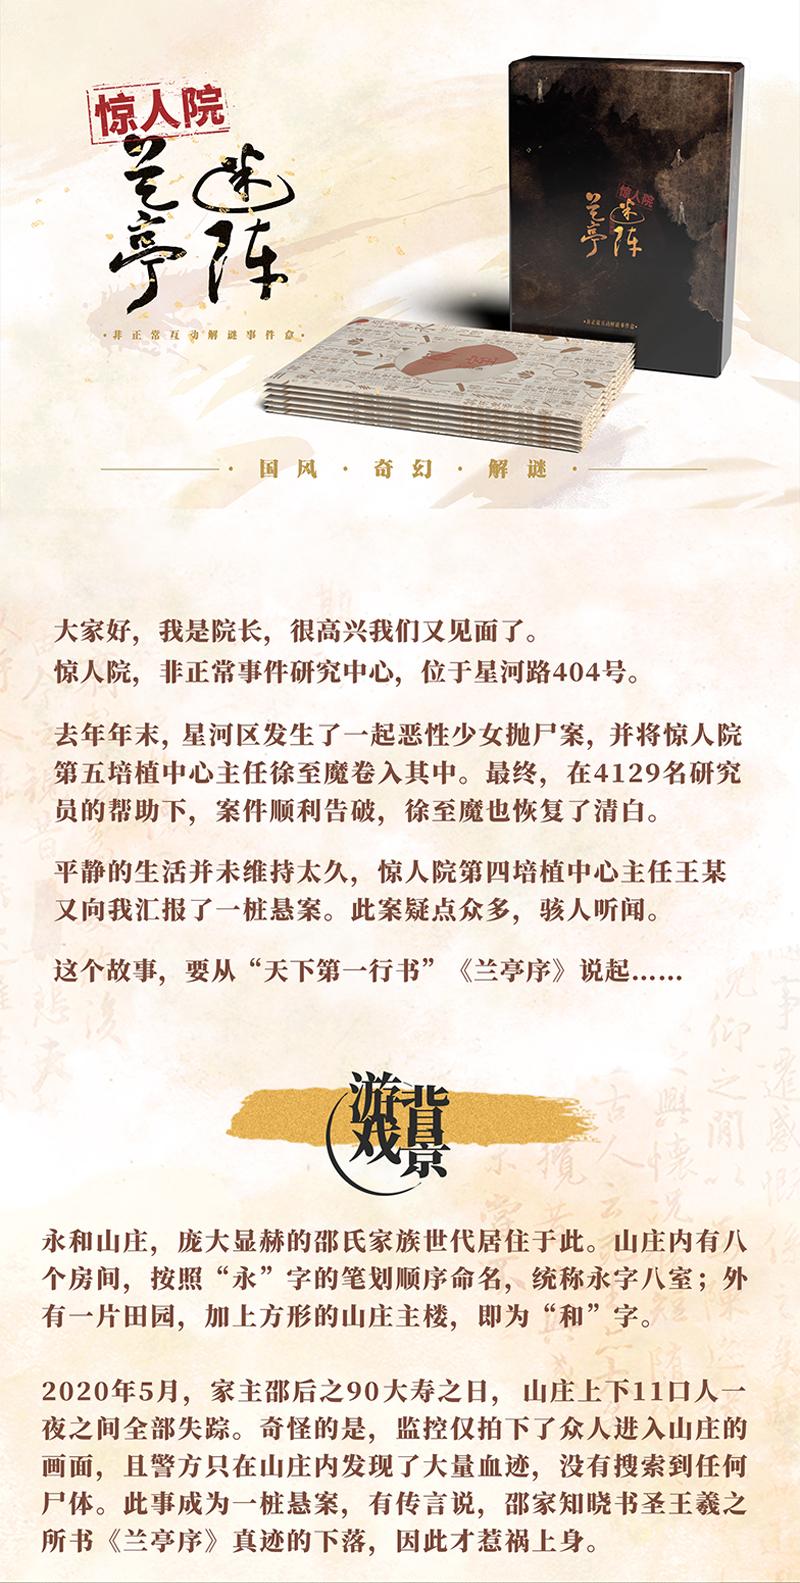 兰亭众筹0522-1.jpg